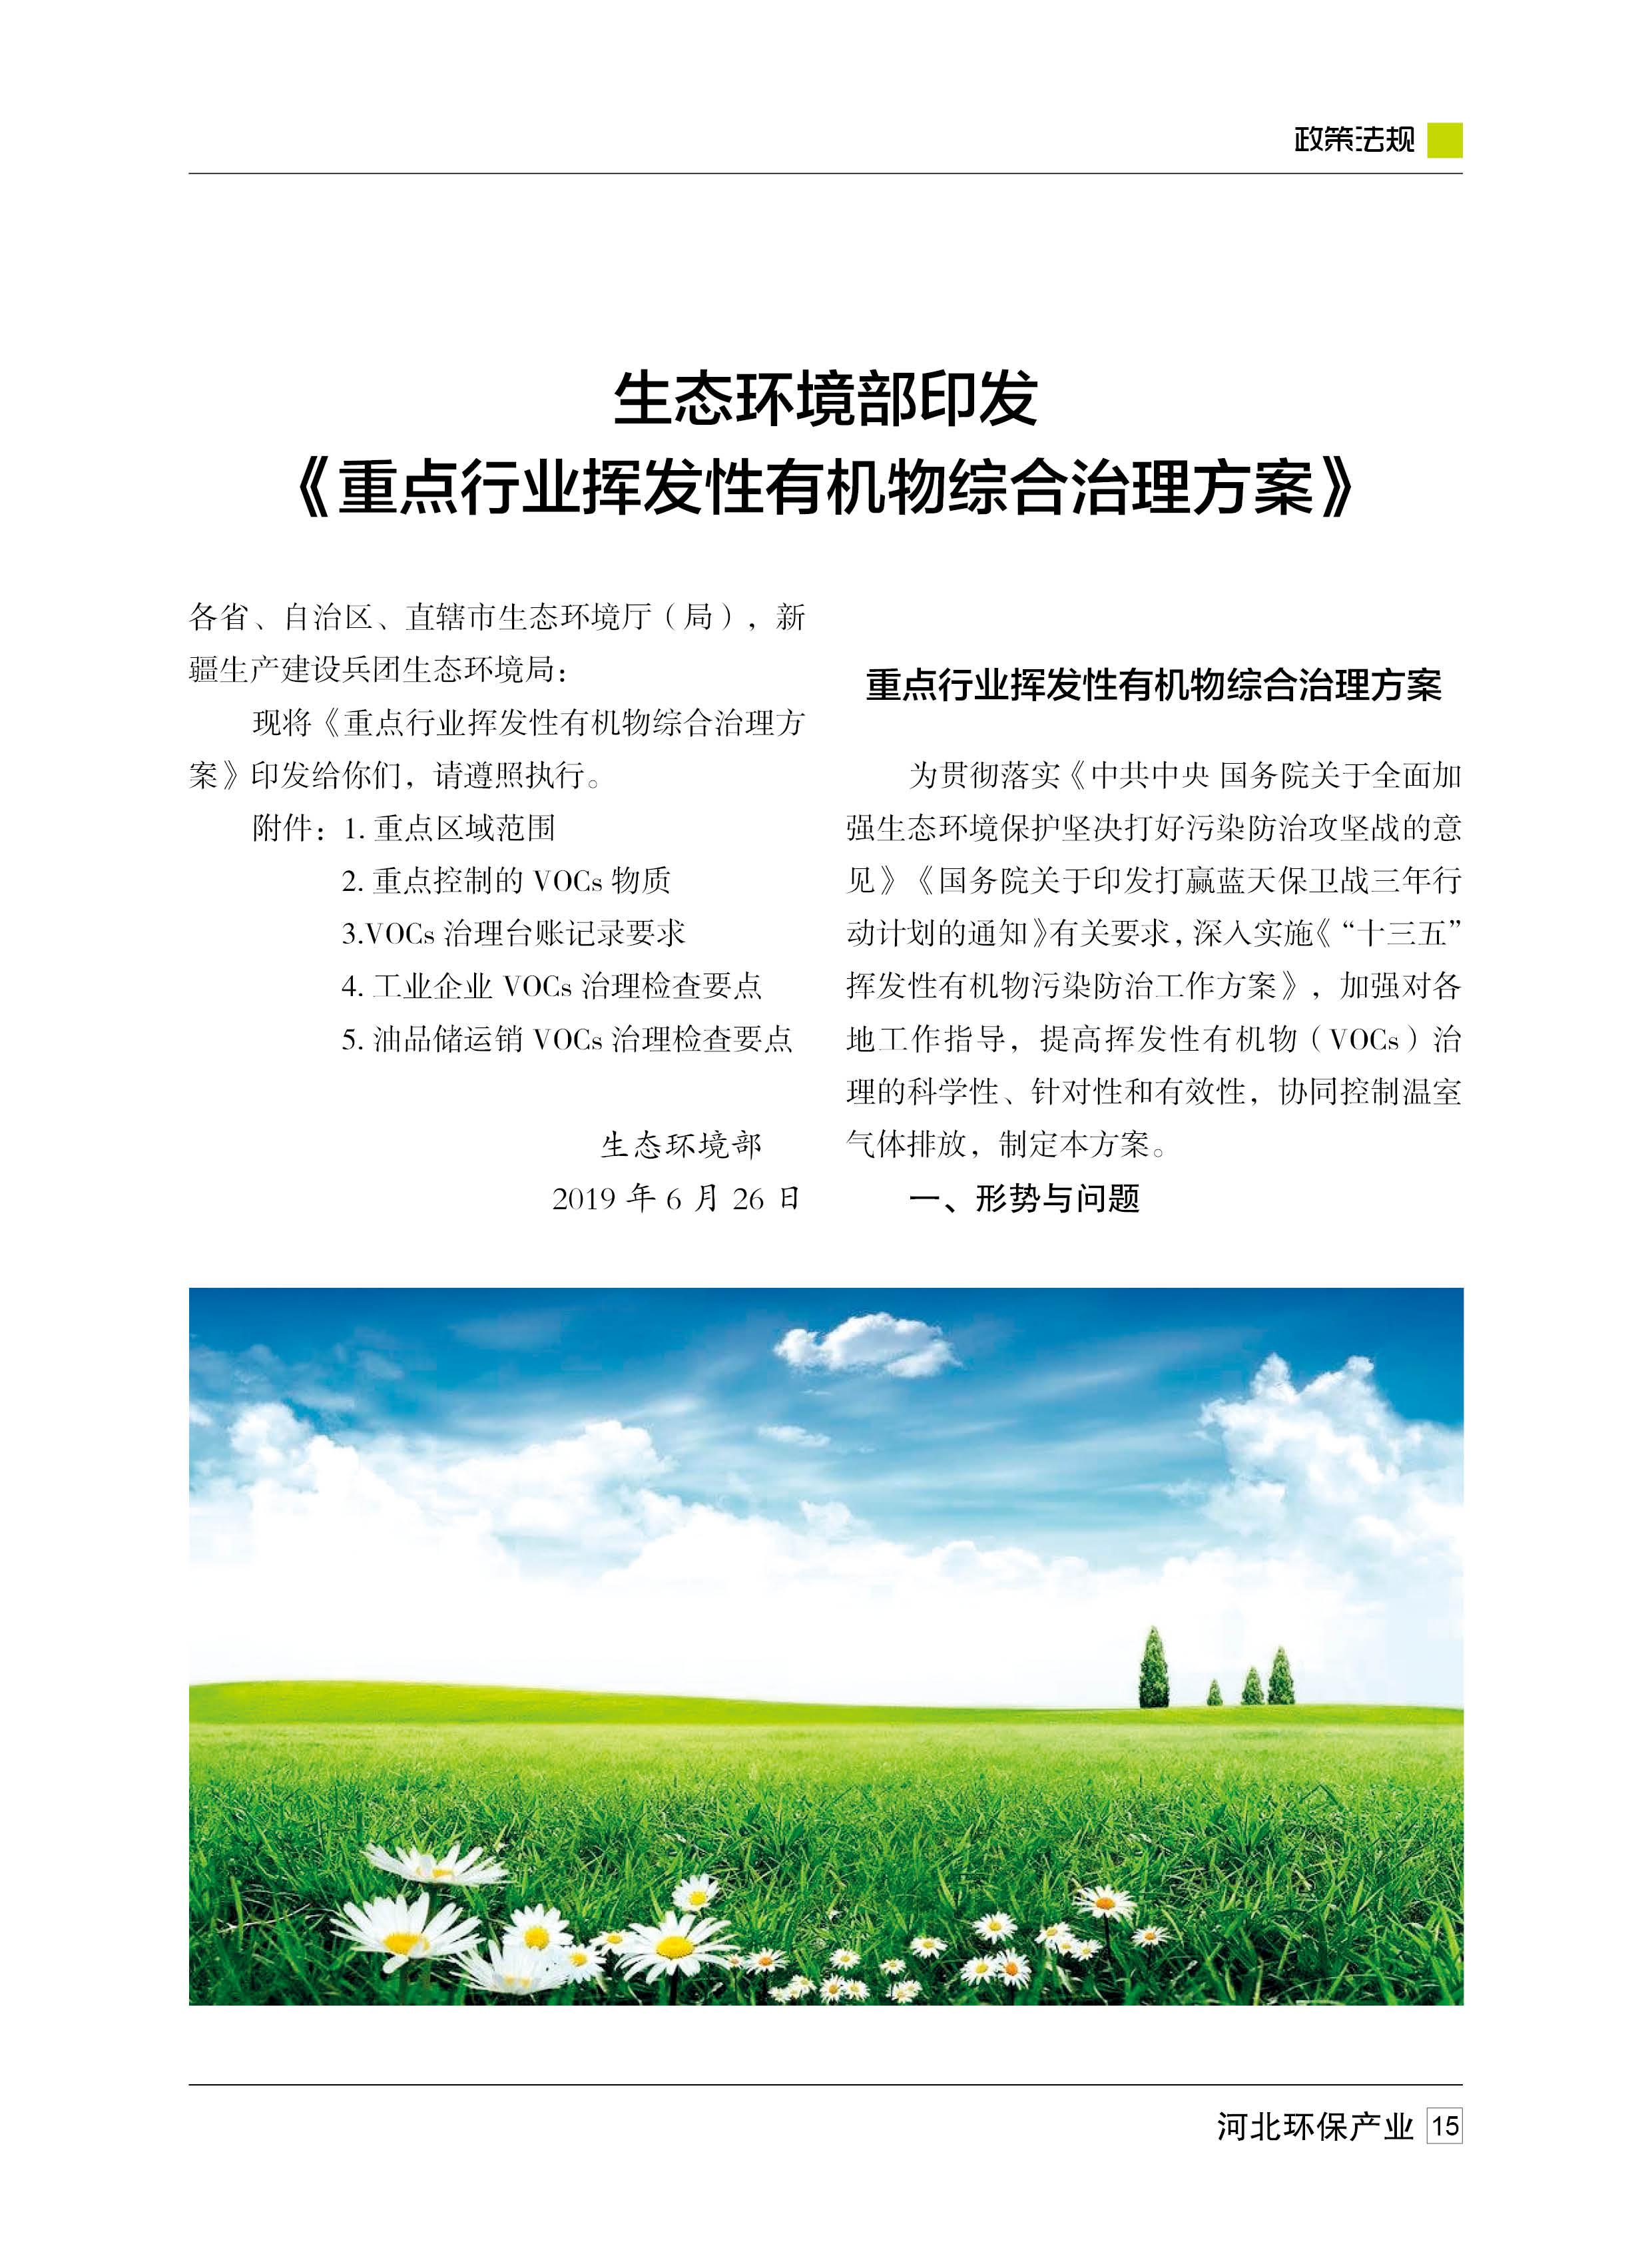 环保杂志-定稿15.jpg